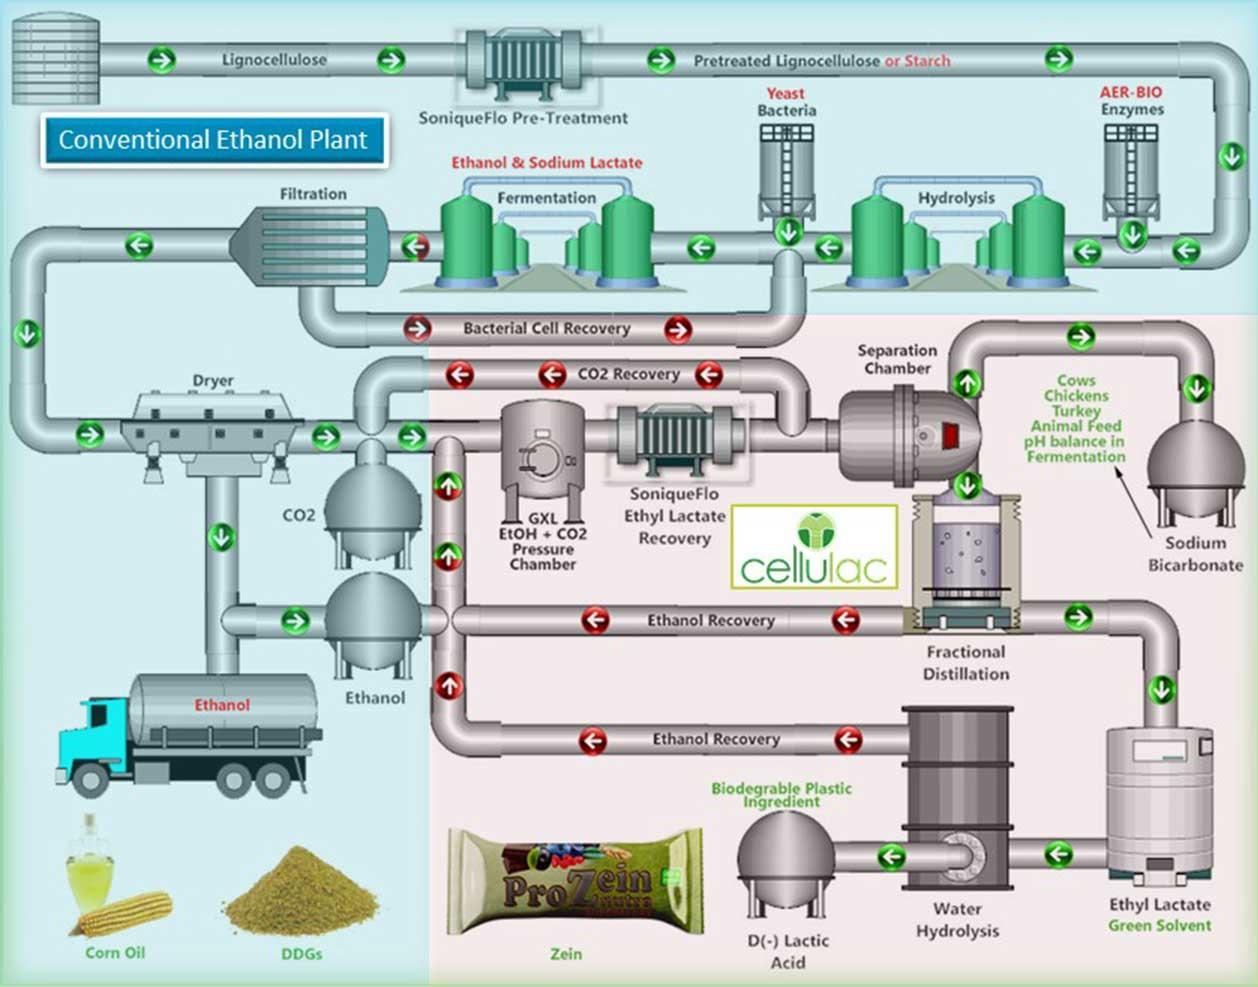 Ethanol-Retrofit-Image